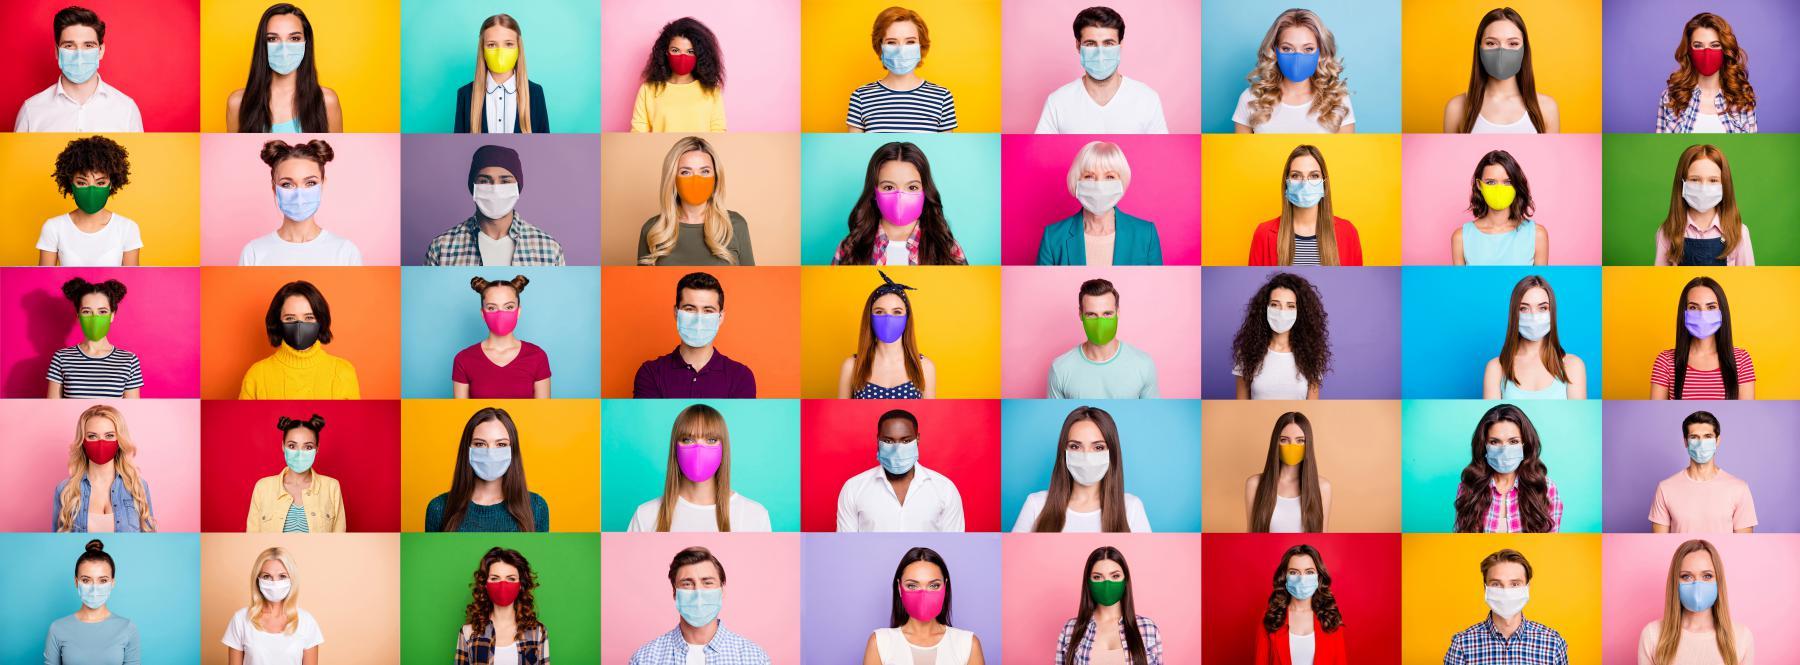 التحدي الكبير أمام العالم لمواجهة الوباء- تعبيرية